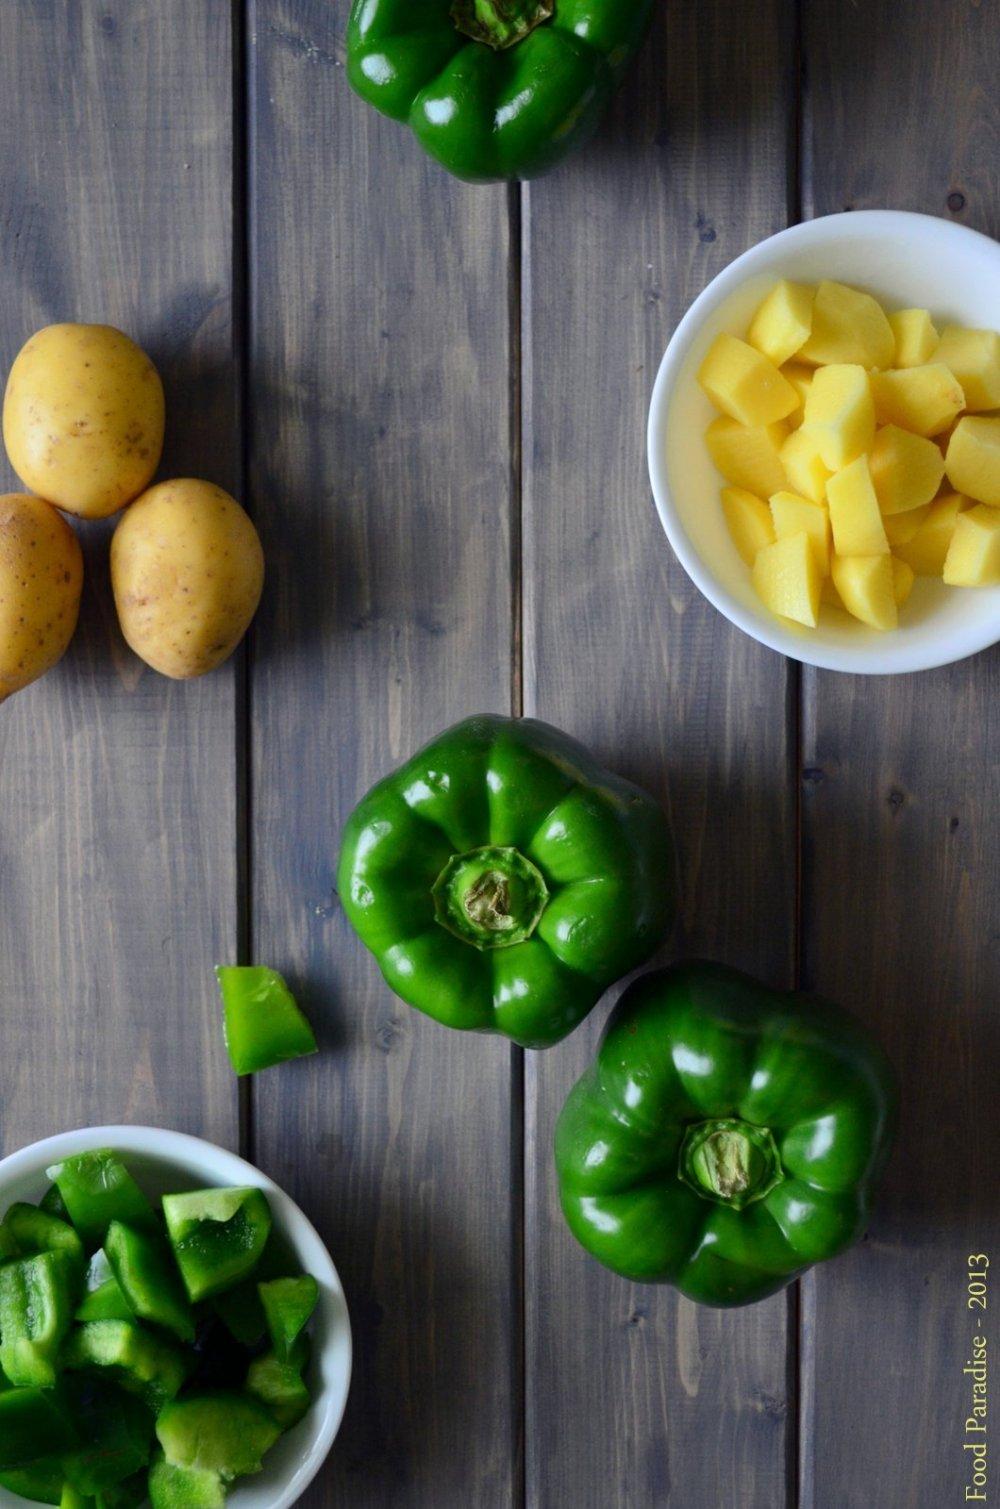 Capsicum & Potatoes